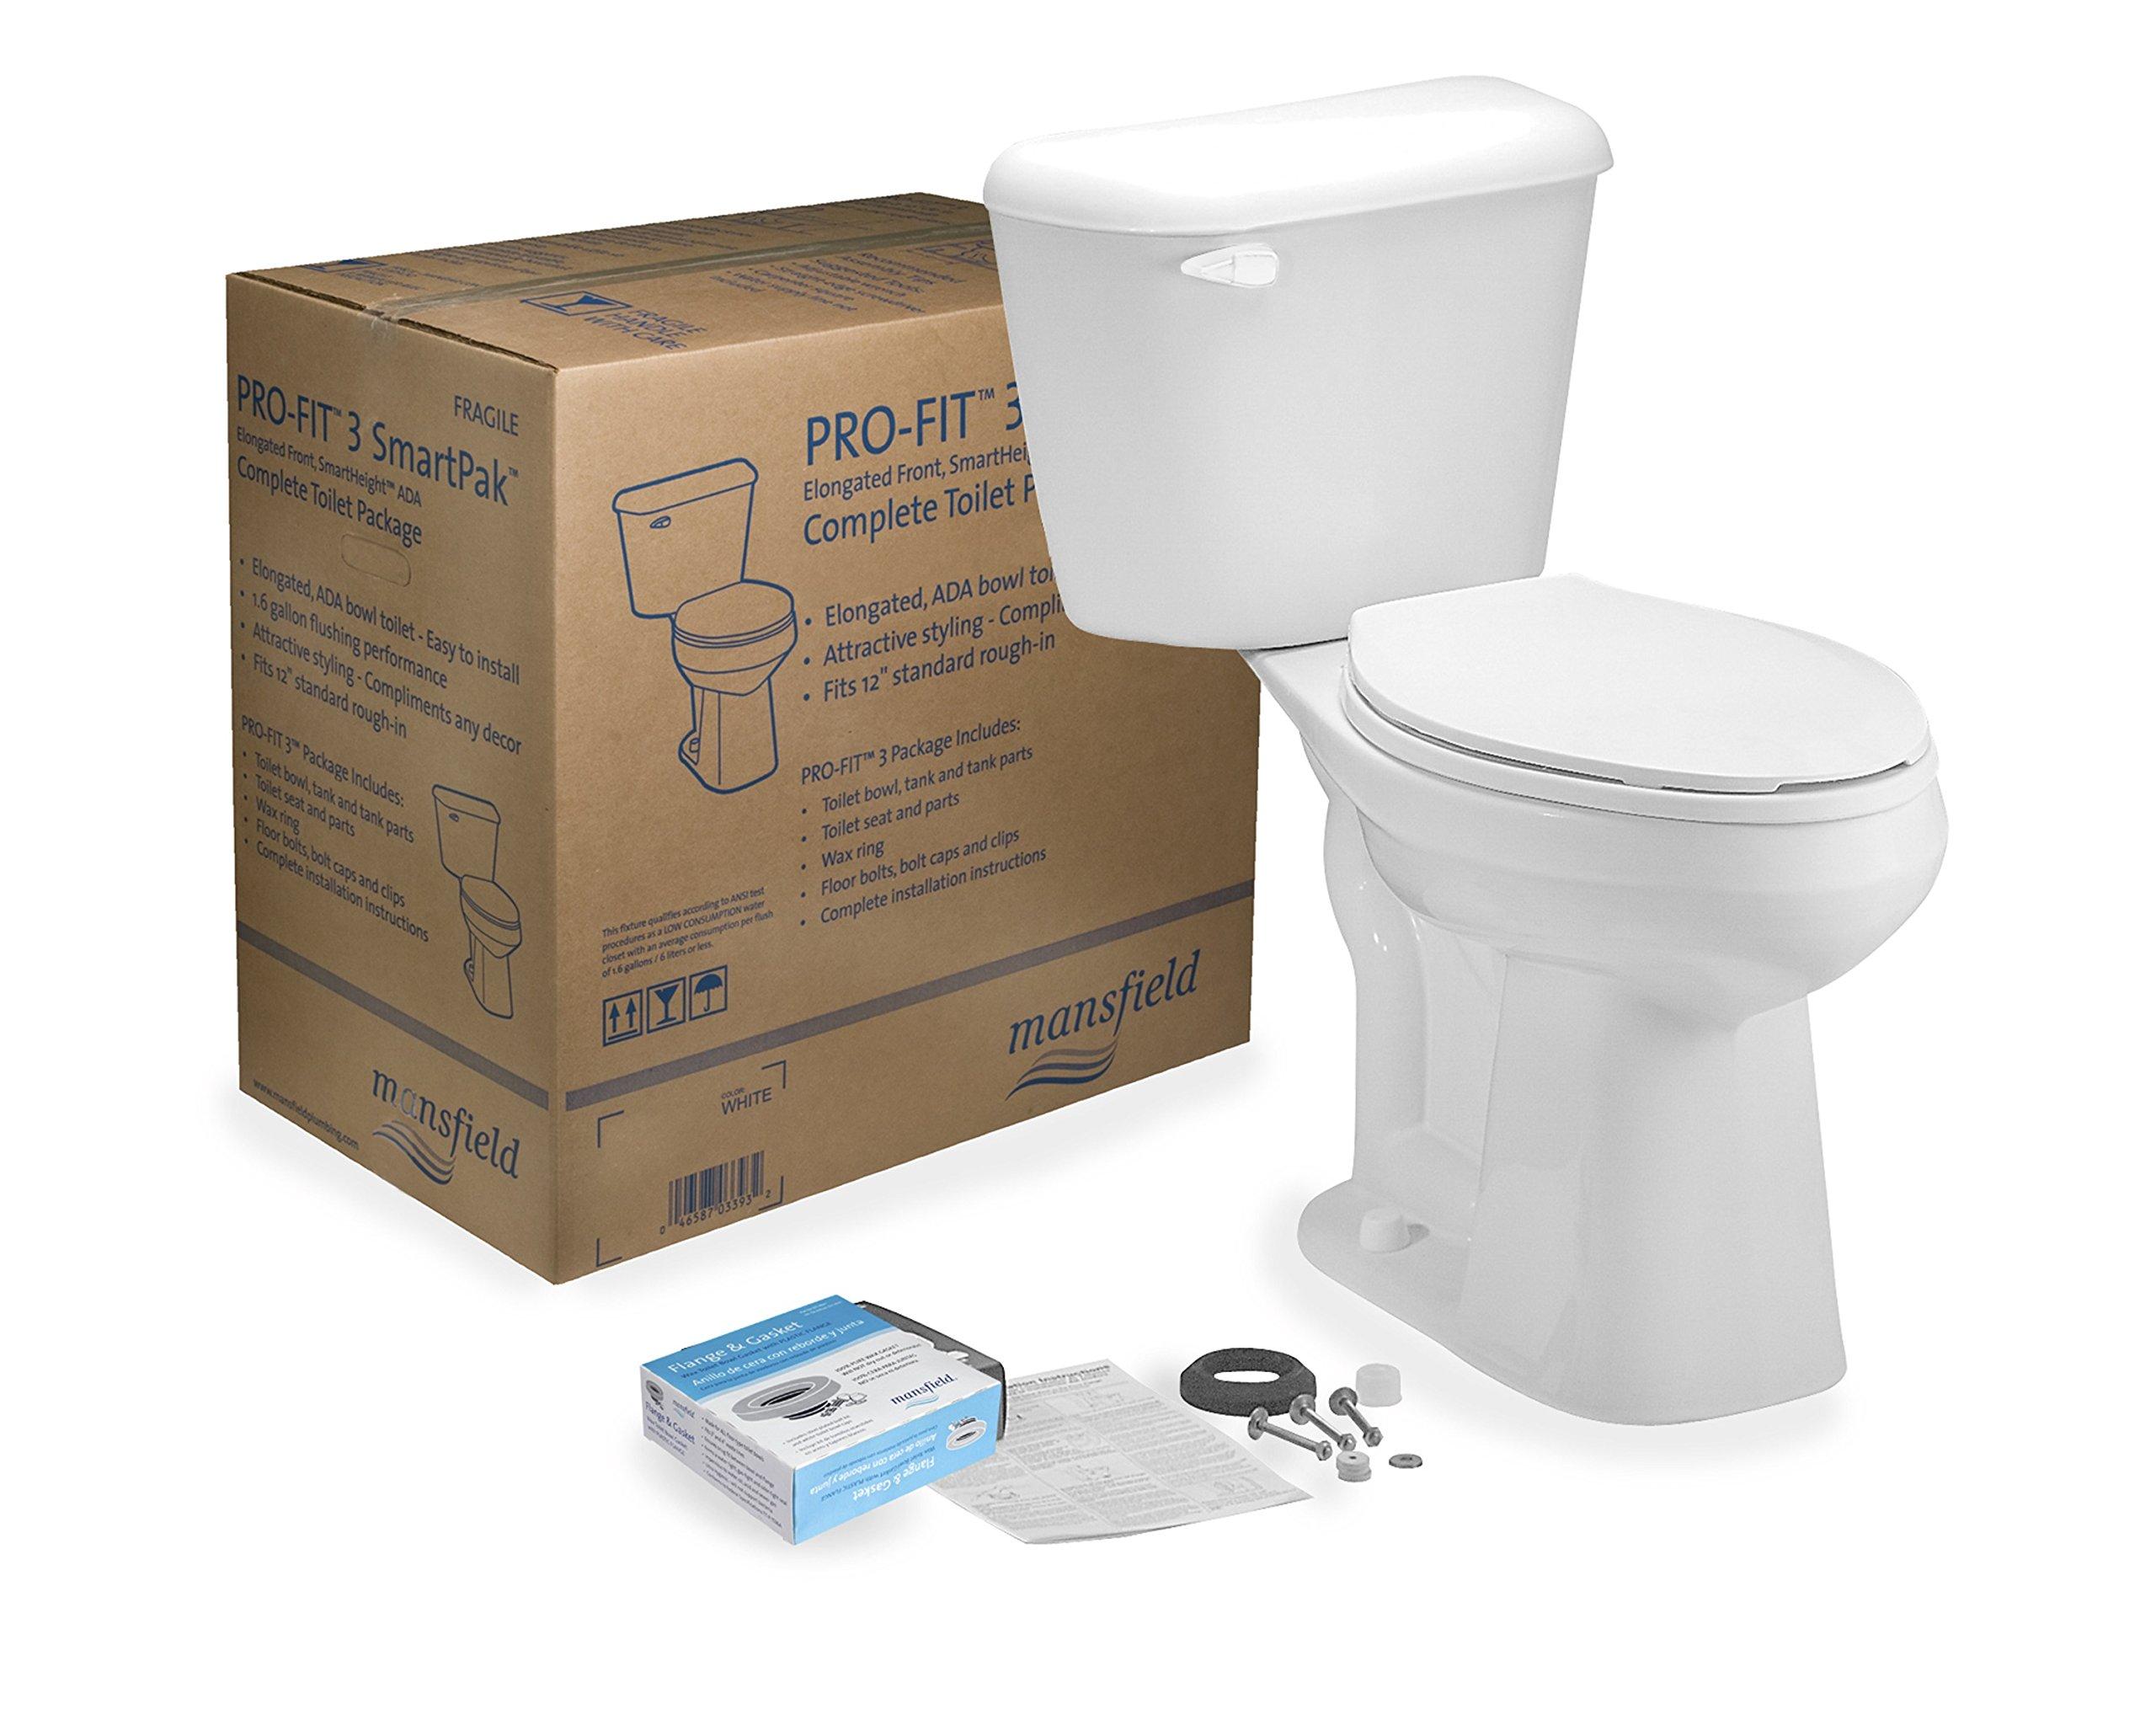 Centoco 4137ctk Mansfield Pro-Fit 3 Ada Toilet Flush in a Box, 1.28 GPF